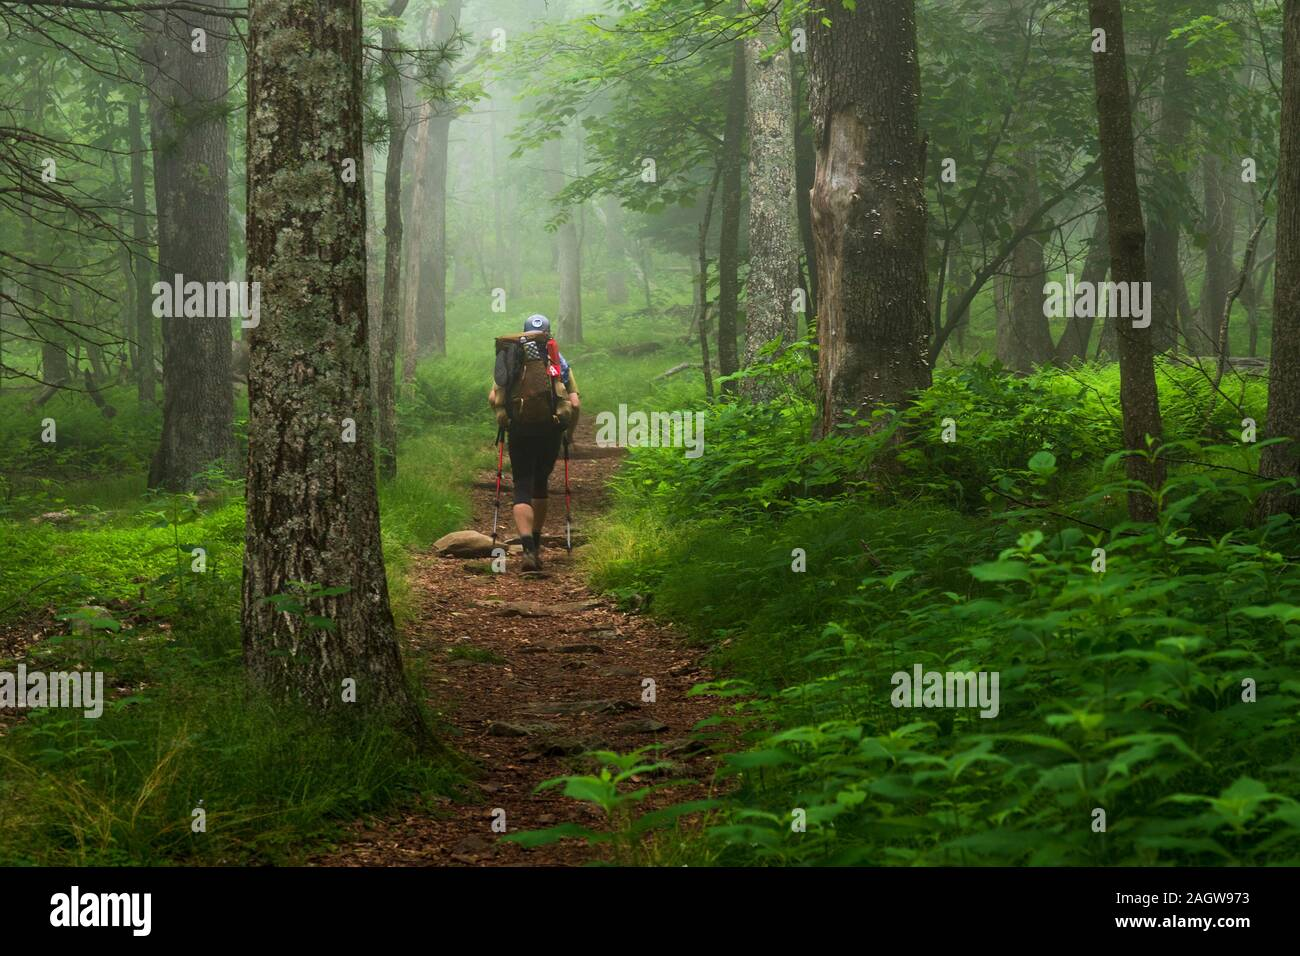 Un seul homme les circuits de randonnée le sentier des Appalaches à travers une forêt luxuriante dans Shenandoah National Park, Virginia Banque D'Images